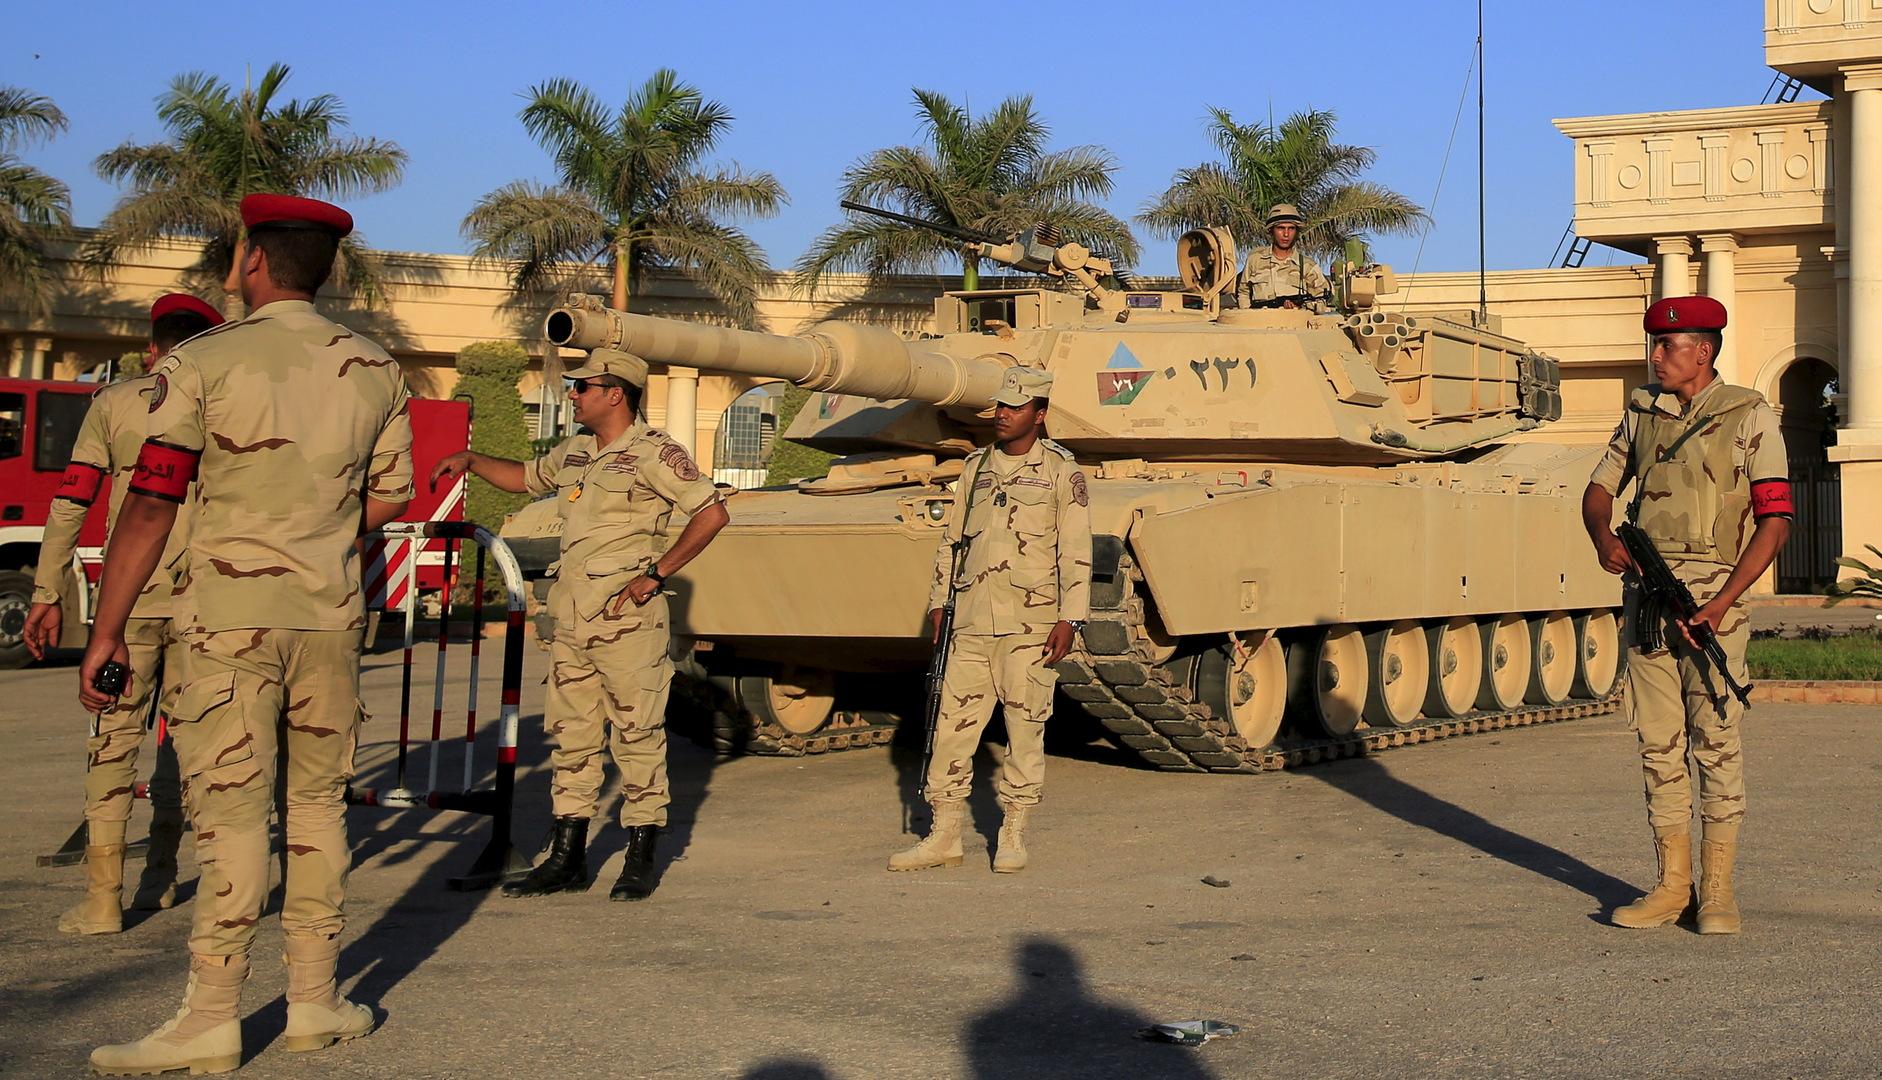 آلية وجنود تابعون للجيش المصري